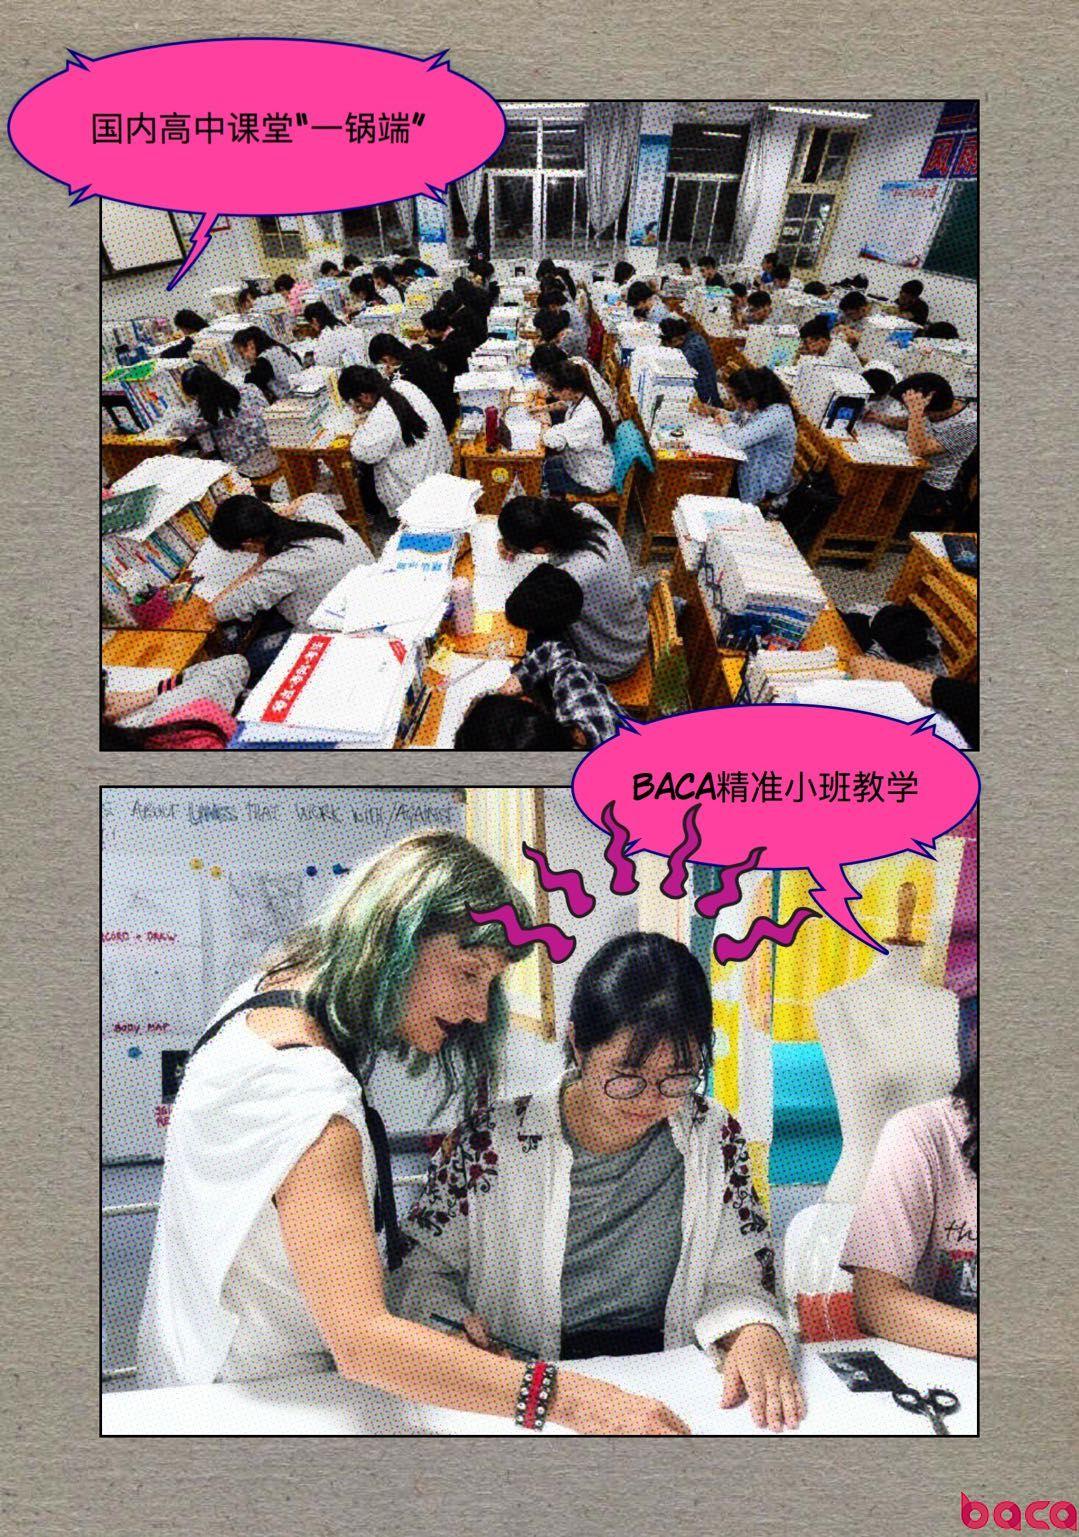 艺考生留学择校